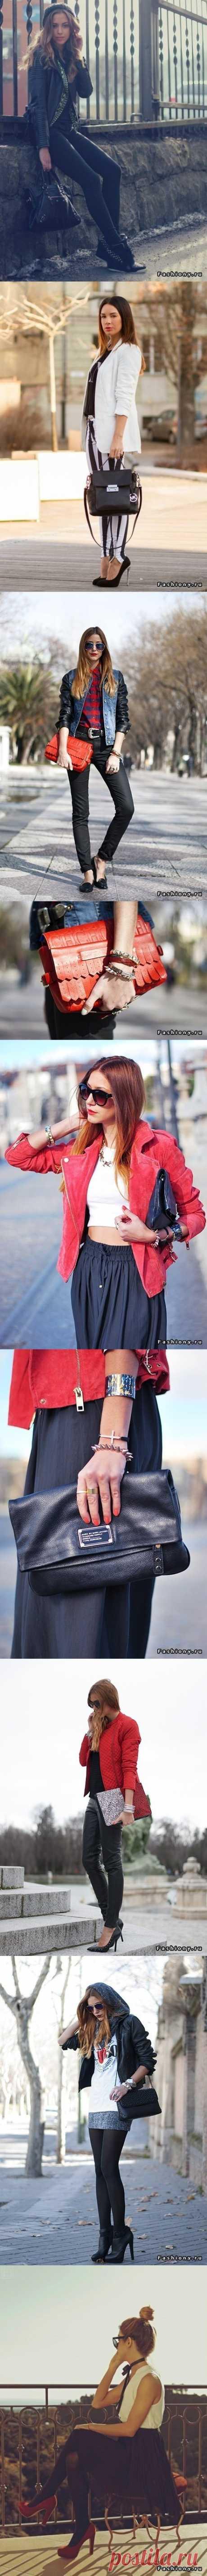 Los bloggers a la moda nos alegran de nuevo las imágenes.